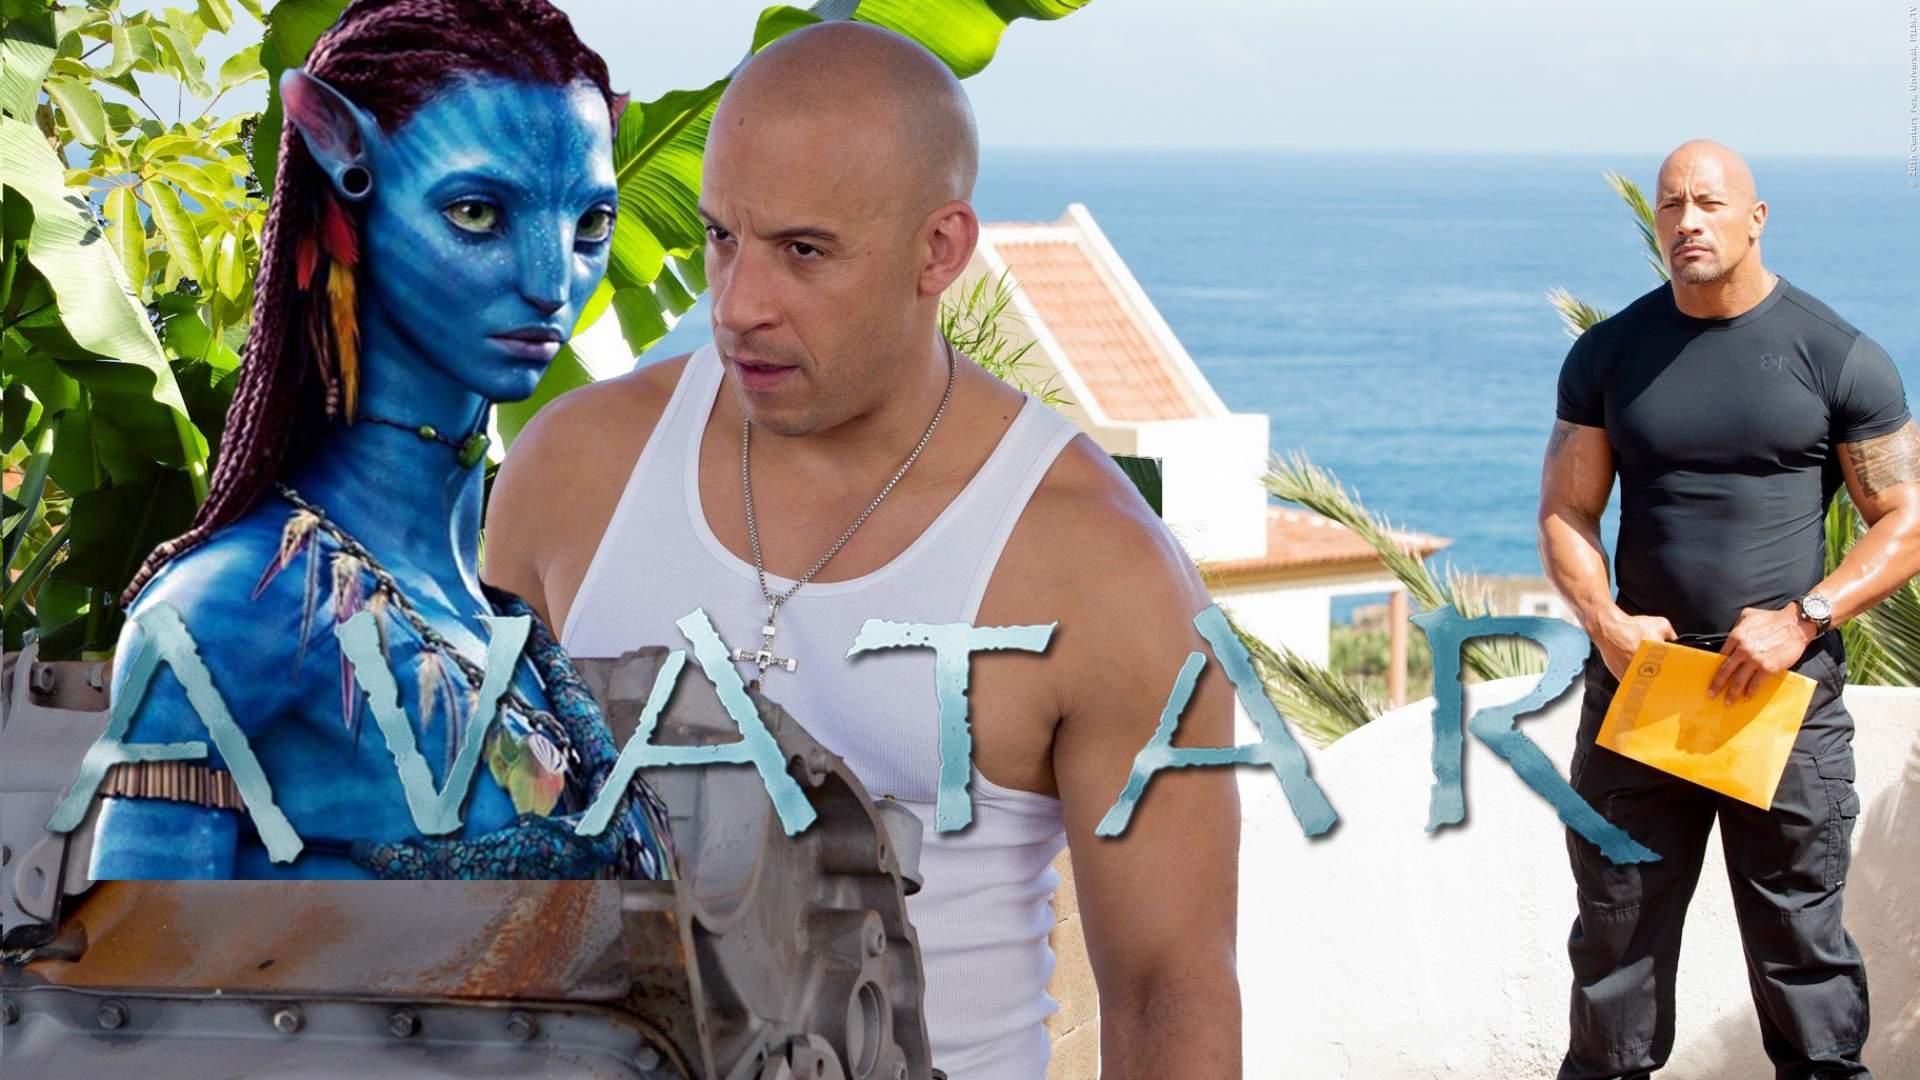 GENIAL: Star aus 'Fast & Furious' am Set von 'Avatar' gesichtet